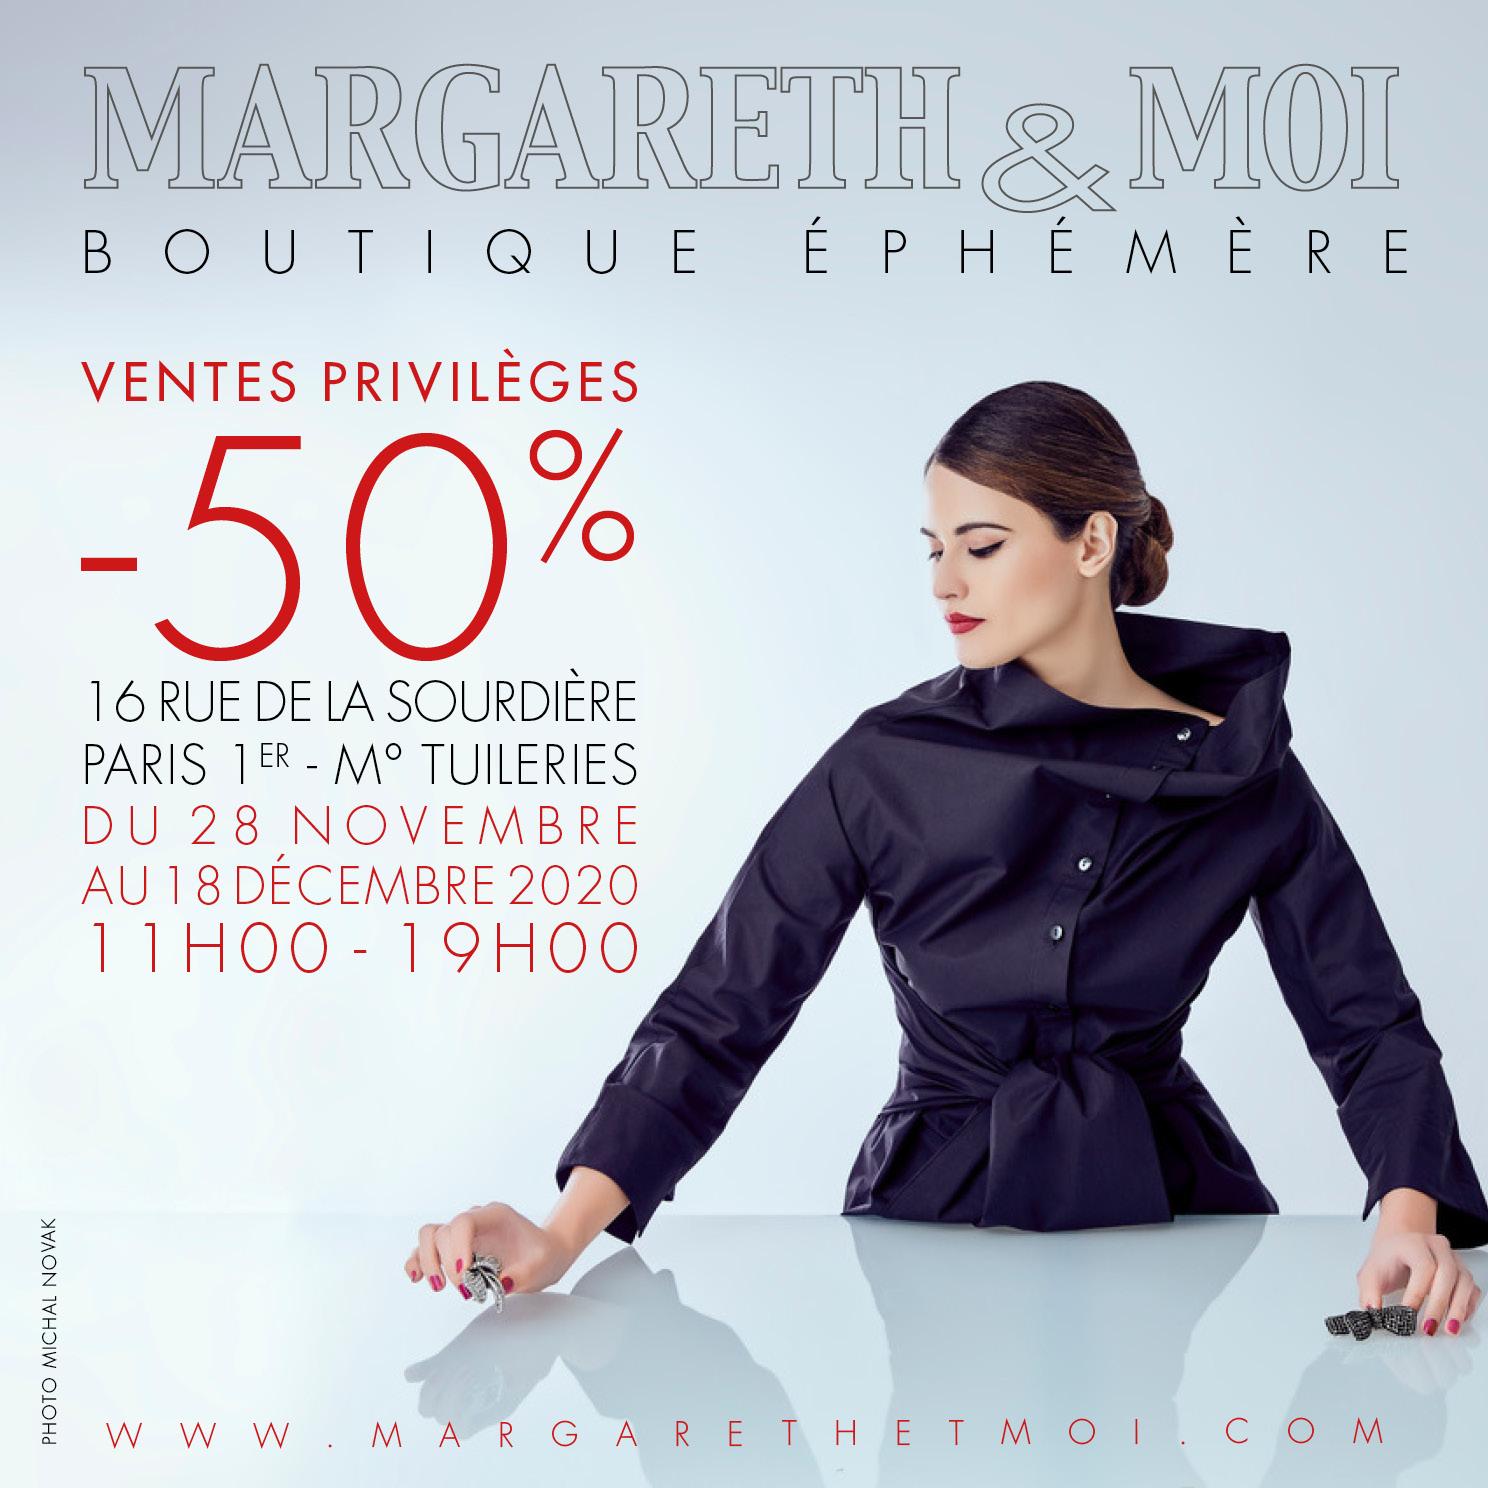 Margareth&moi boutique éphémère